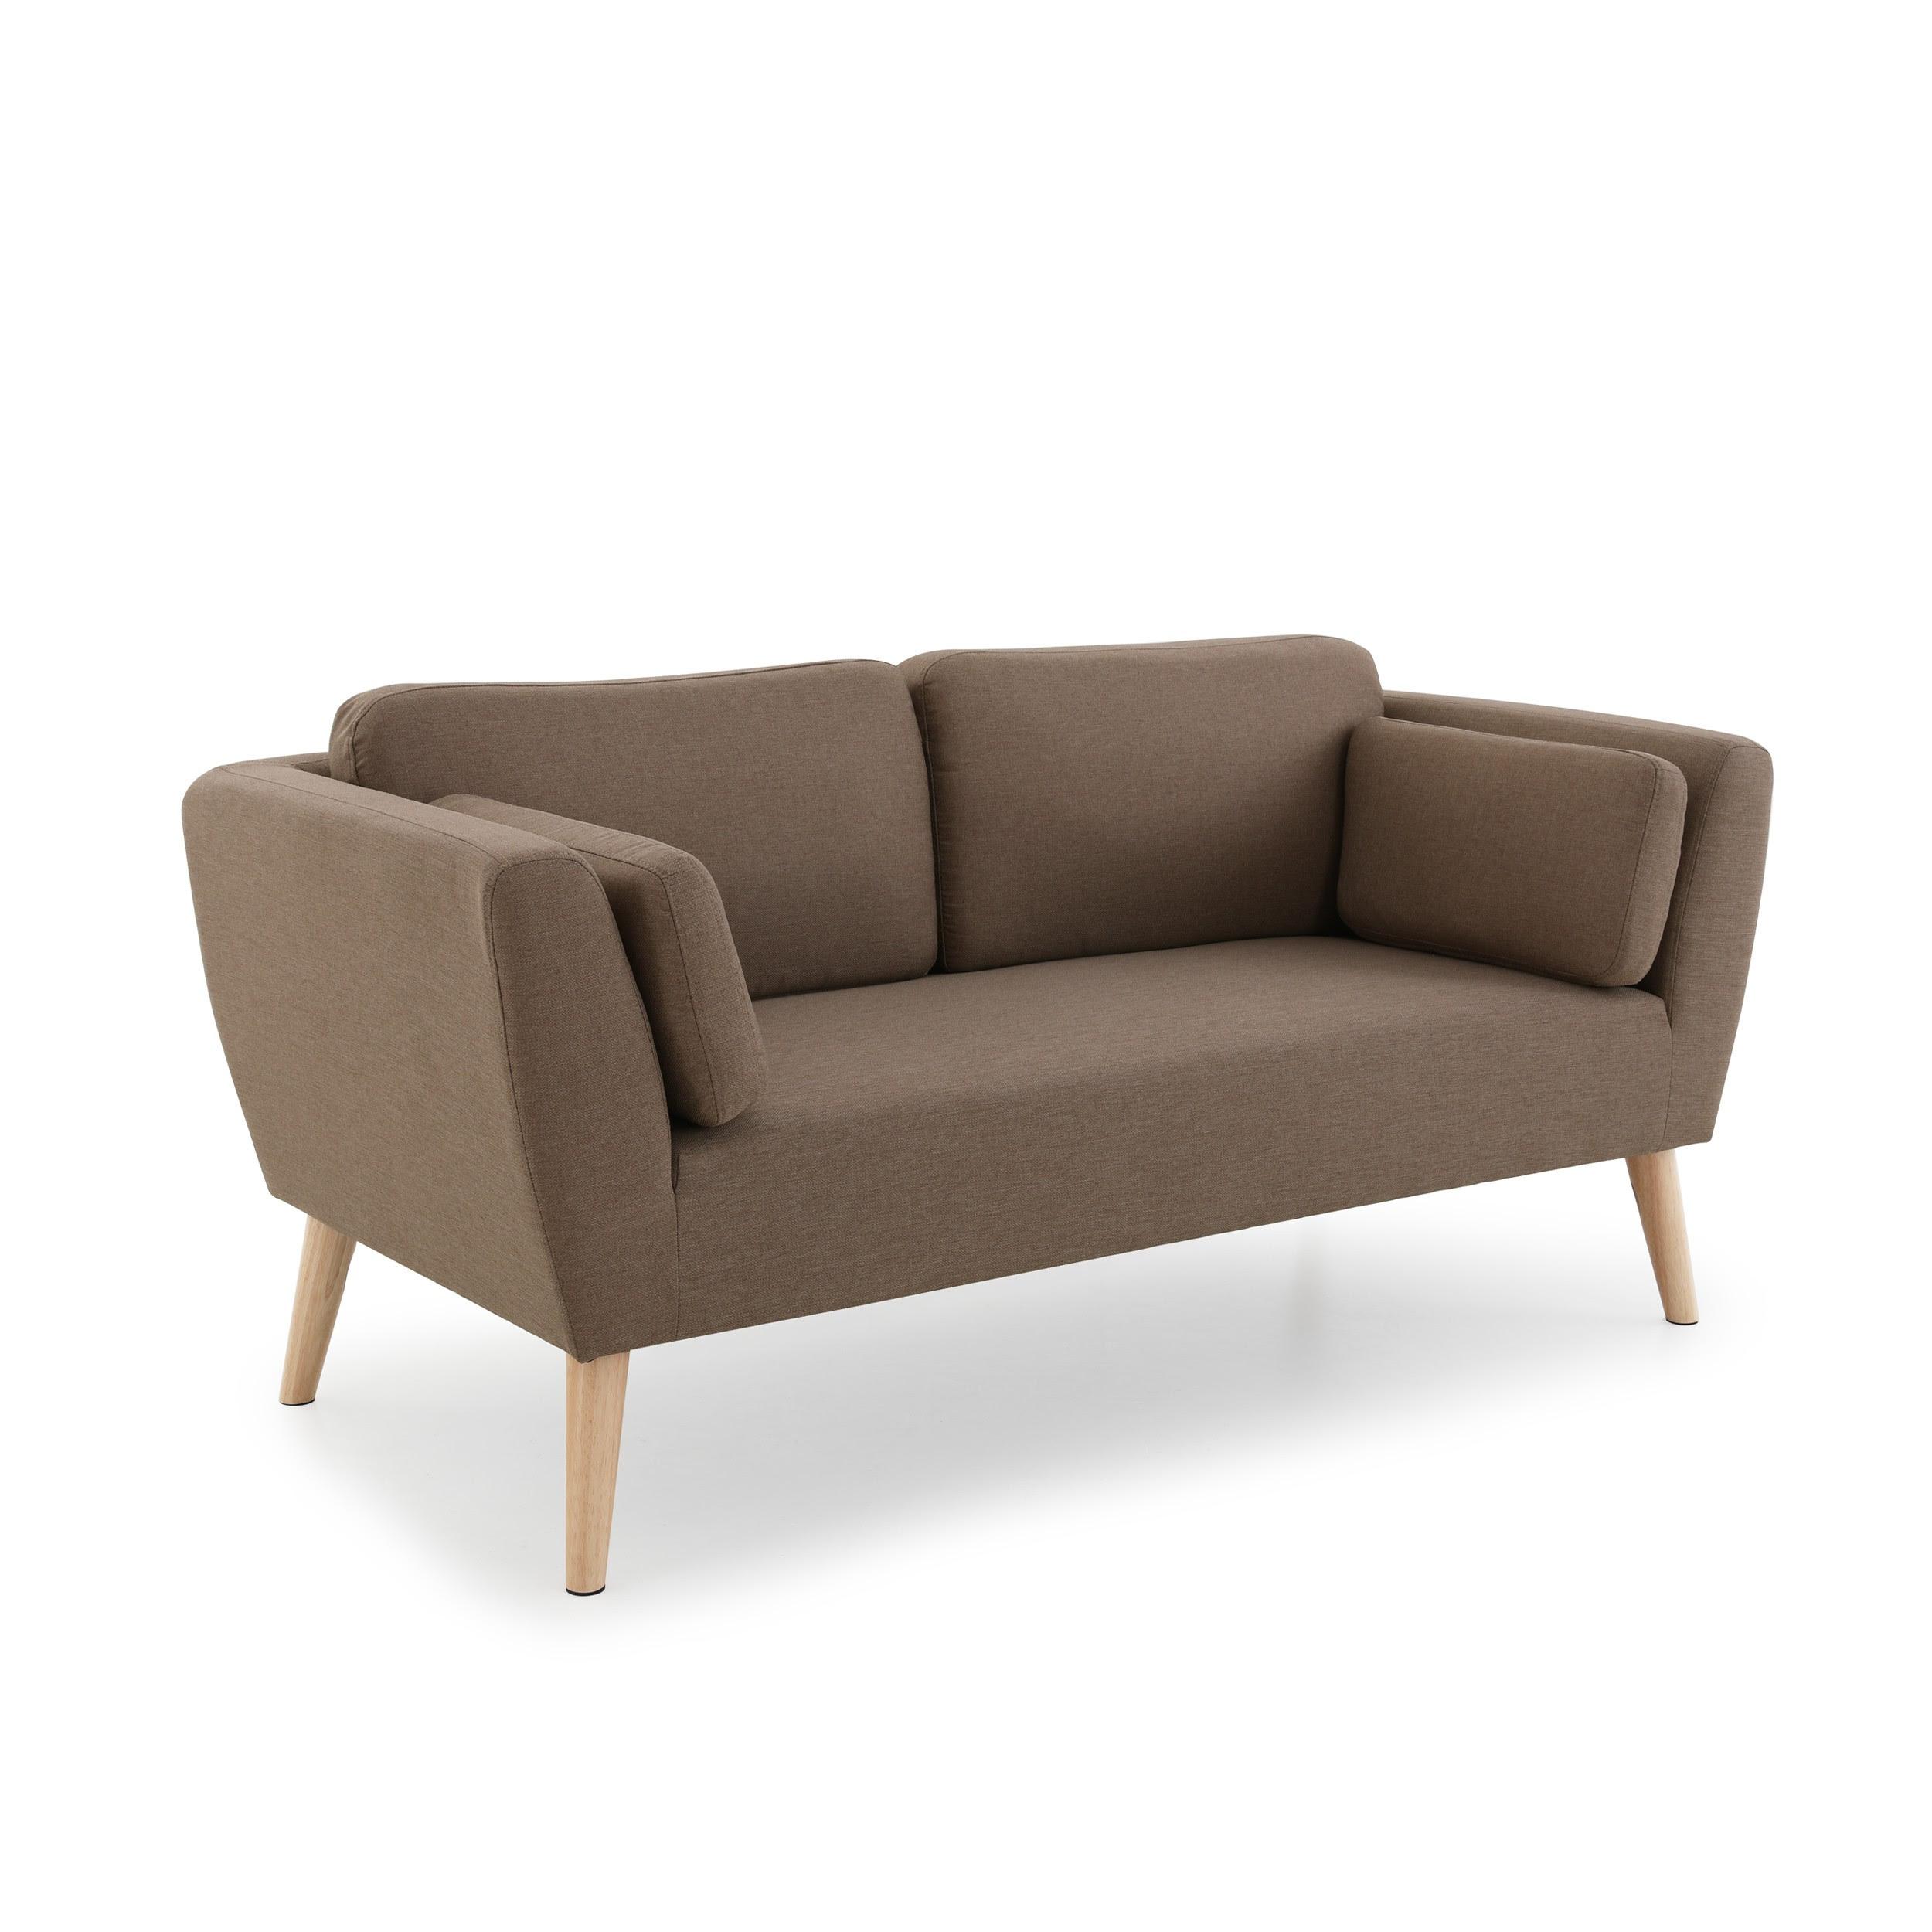 Esszimmer Sofa Sofabank Samt Landhausstil 3 Sitzer Couch ...